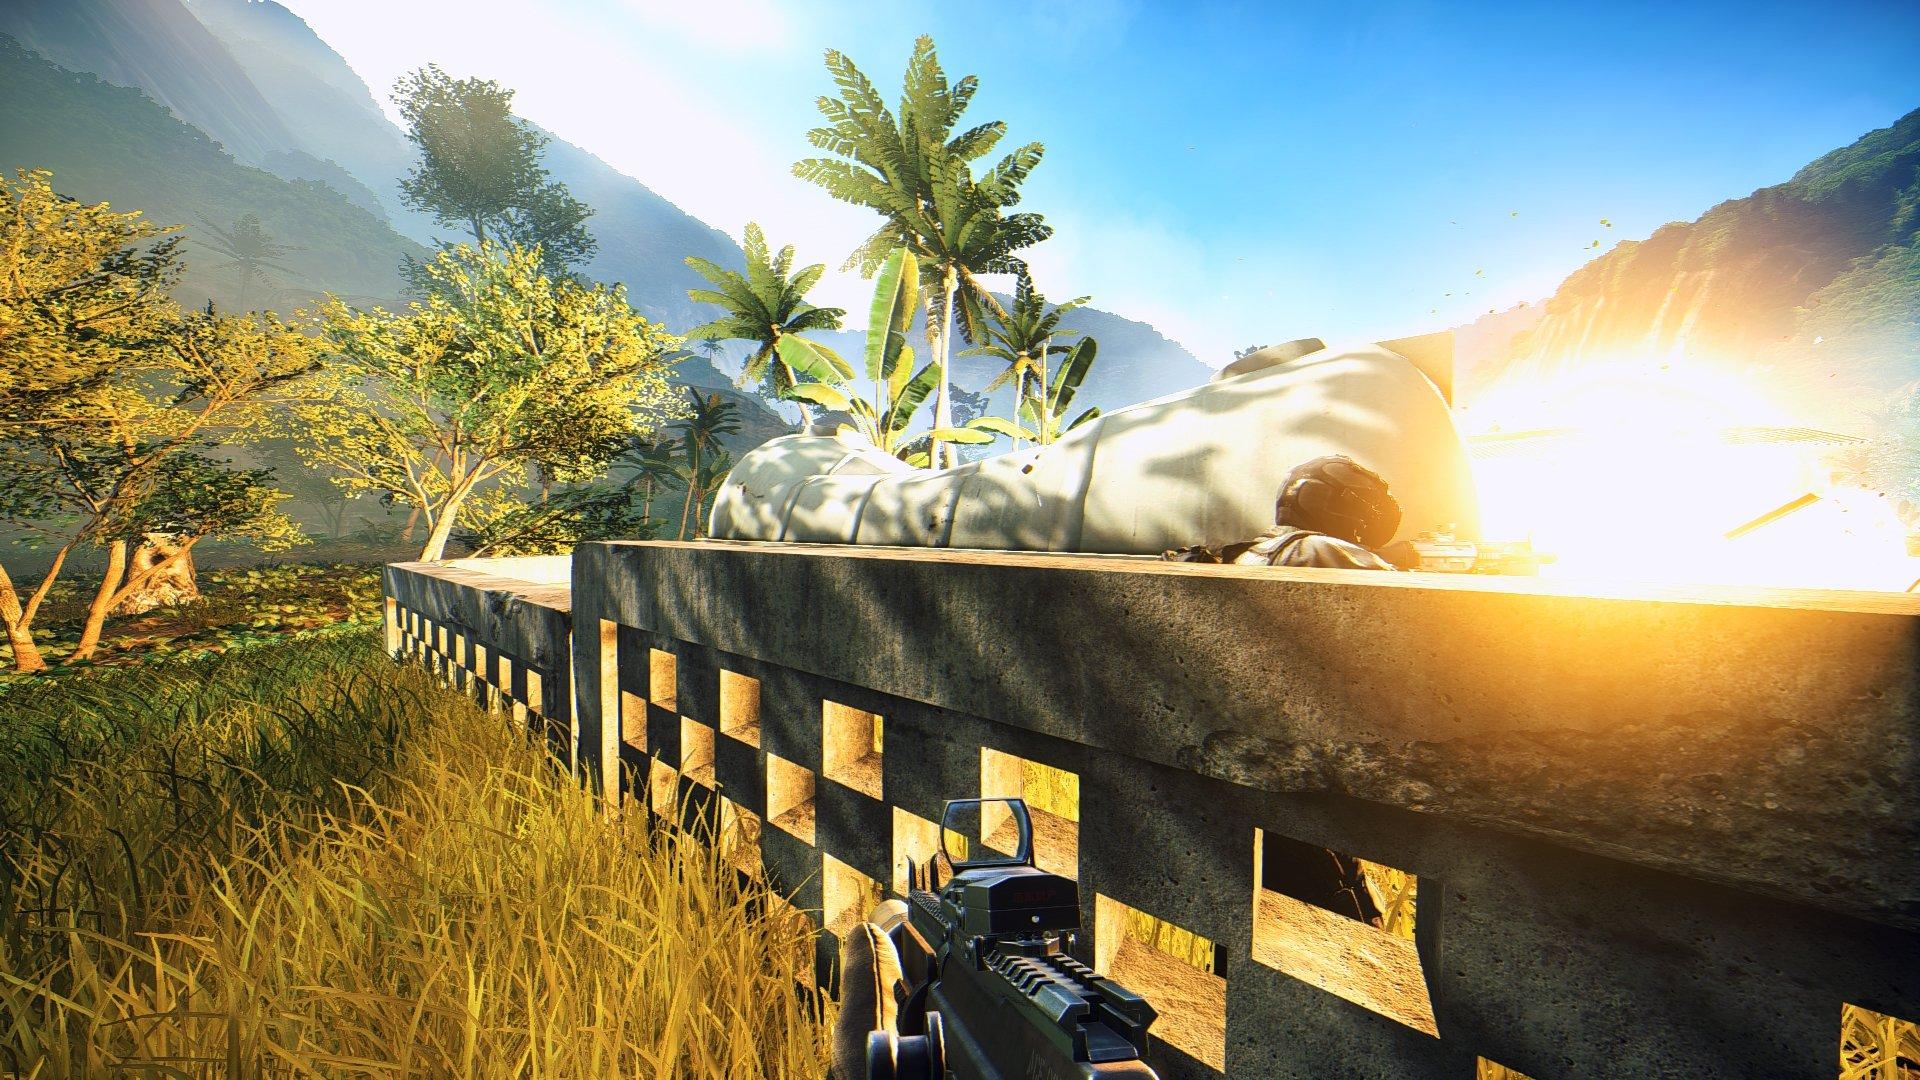 Карта сообщества Battlefield 4 - Изображение 15